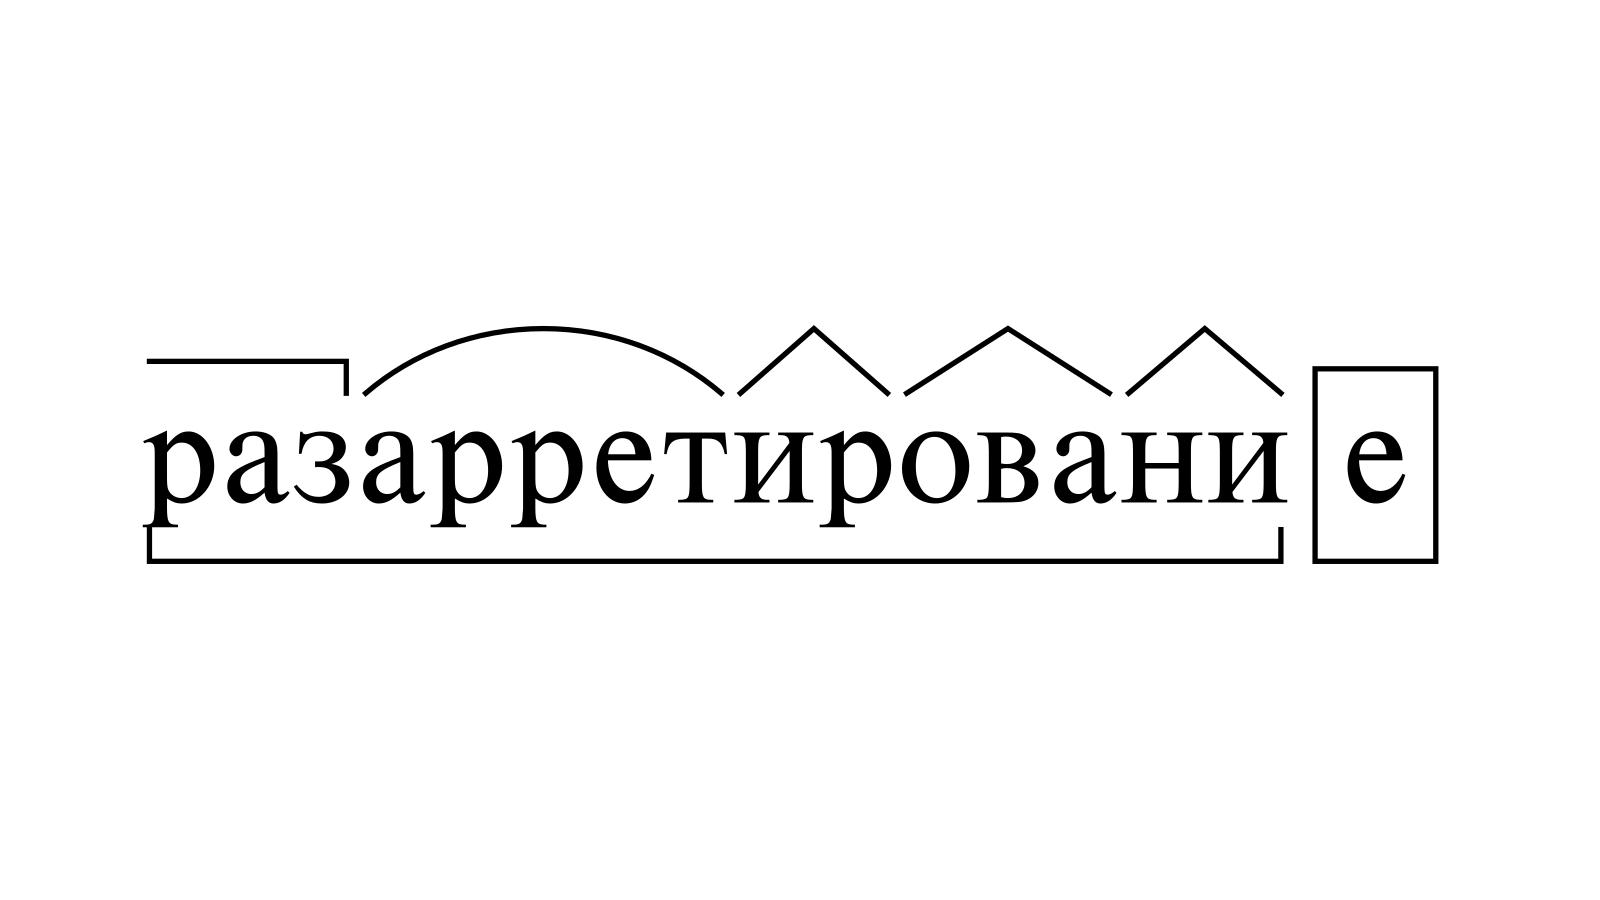 Разбор слова «разарретирование» по составу